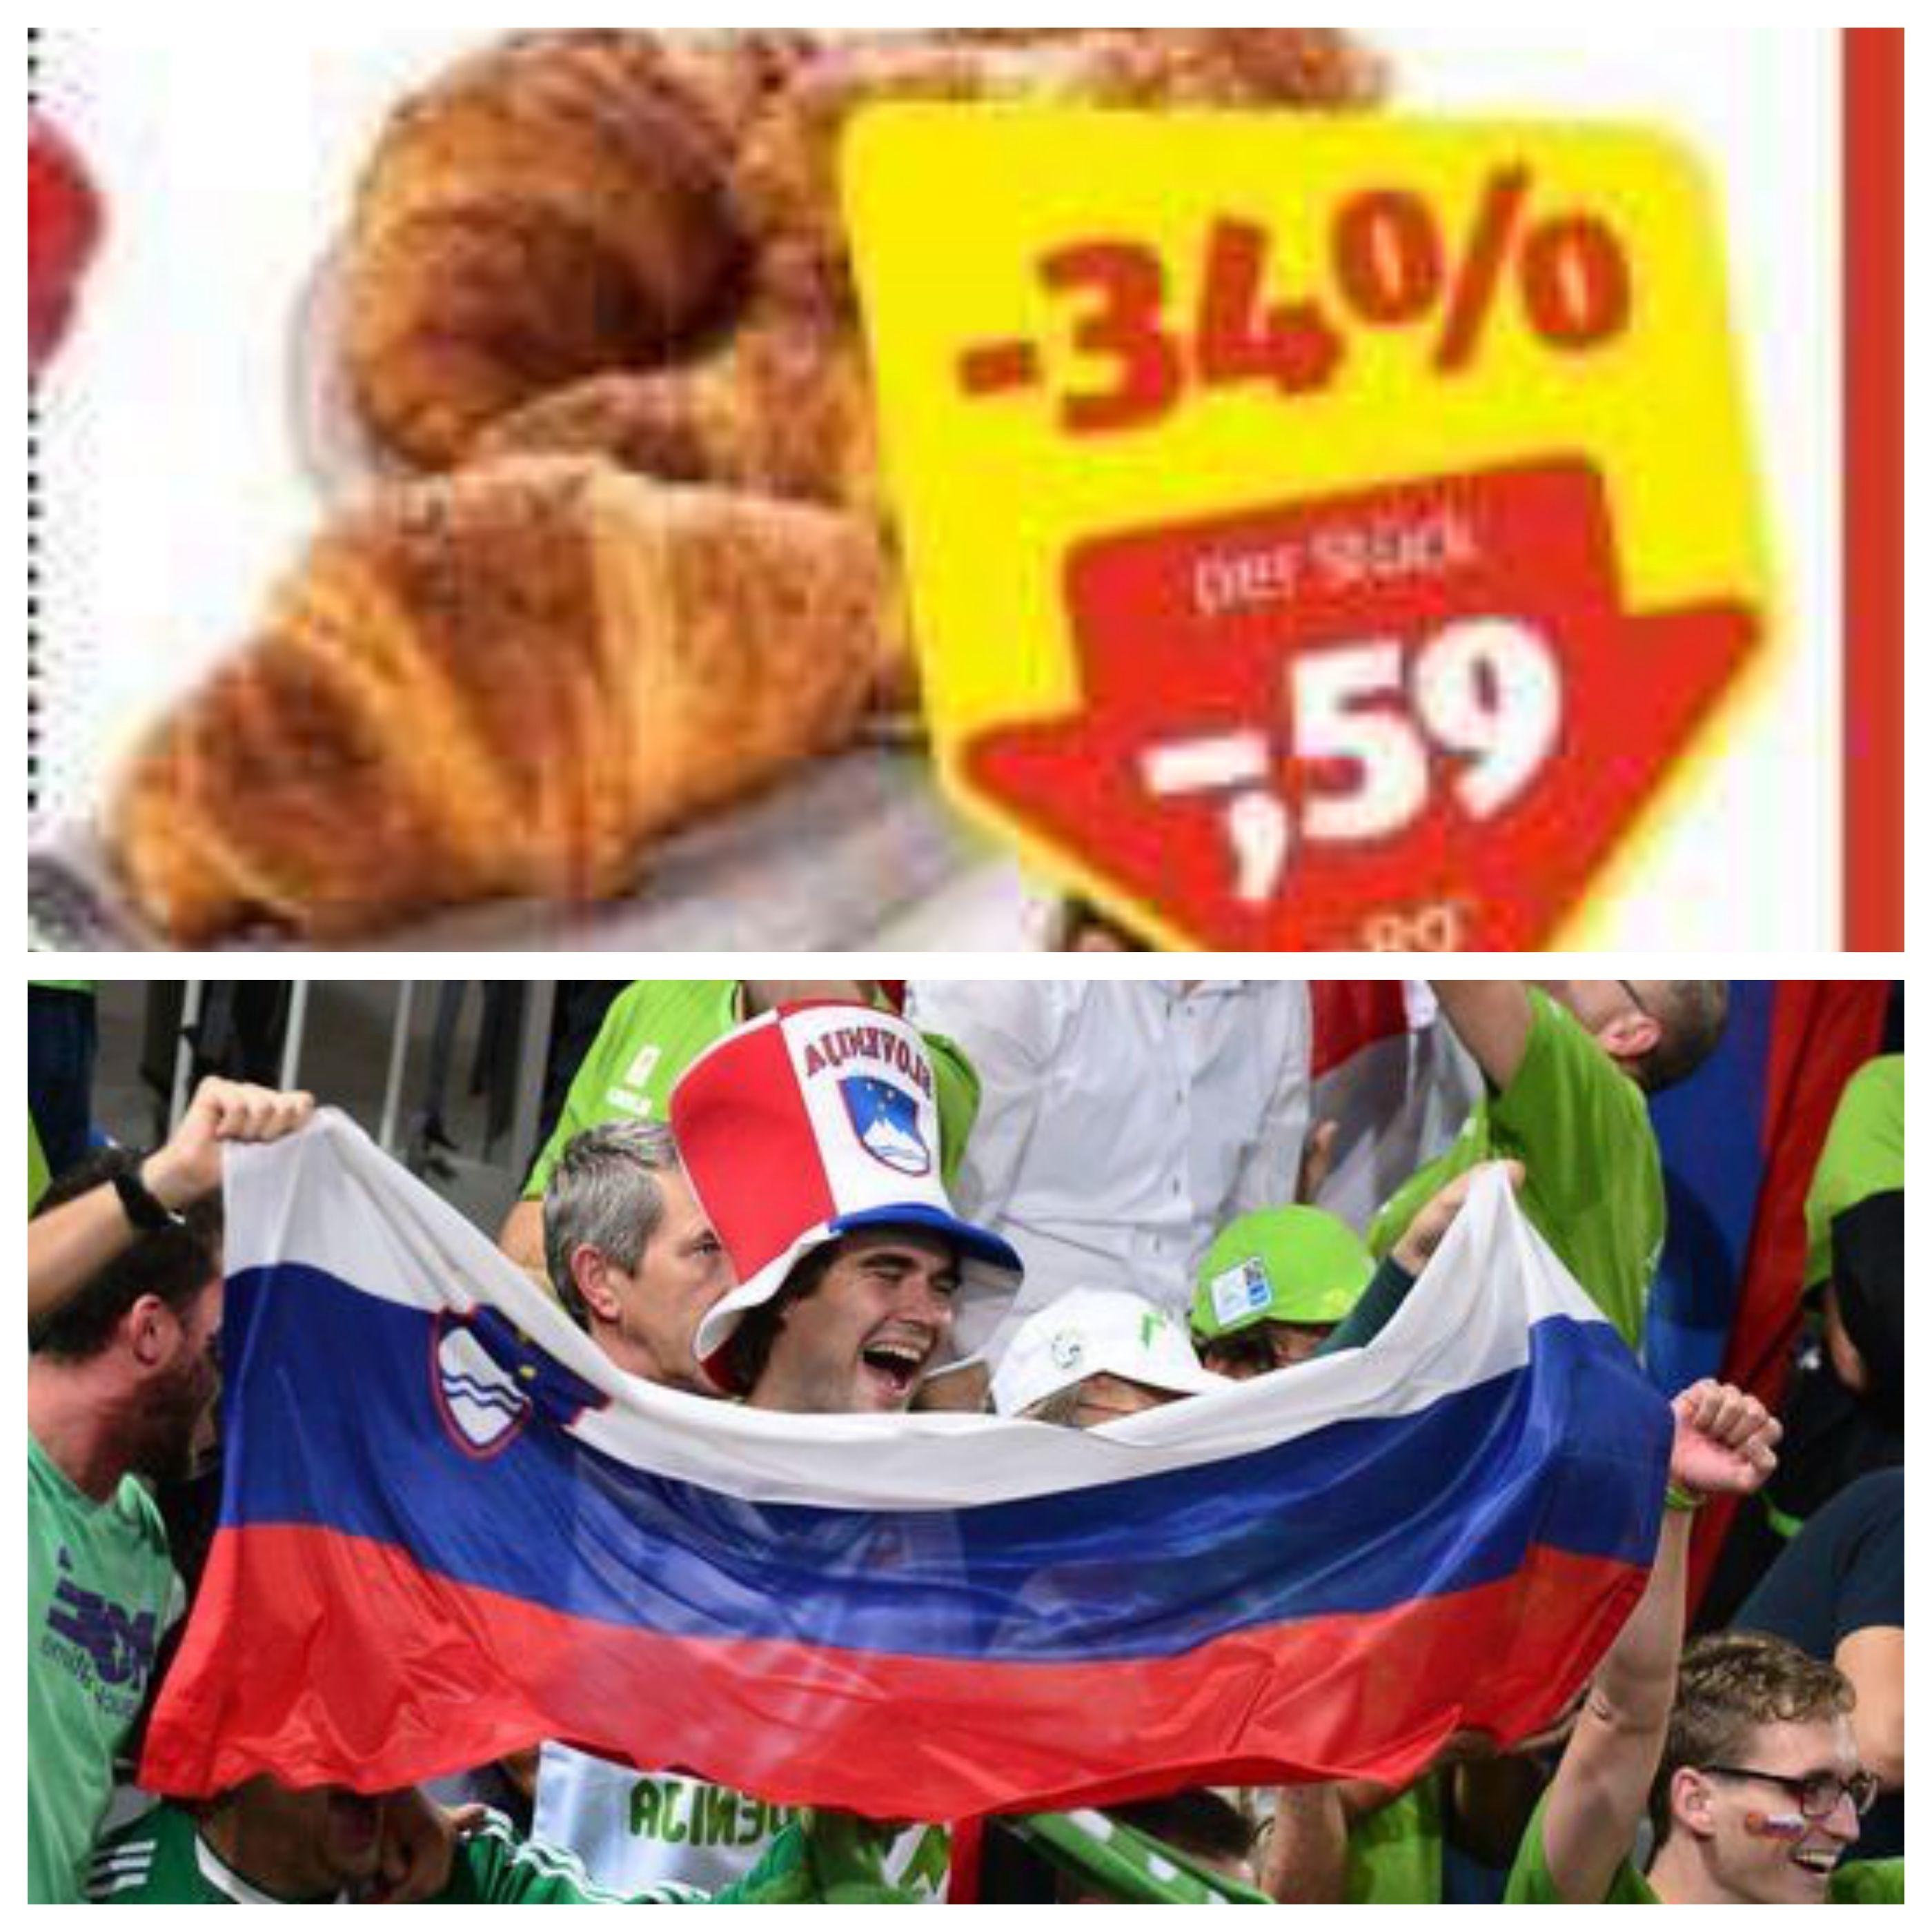 Slov when Hofer has croissant on discount